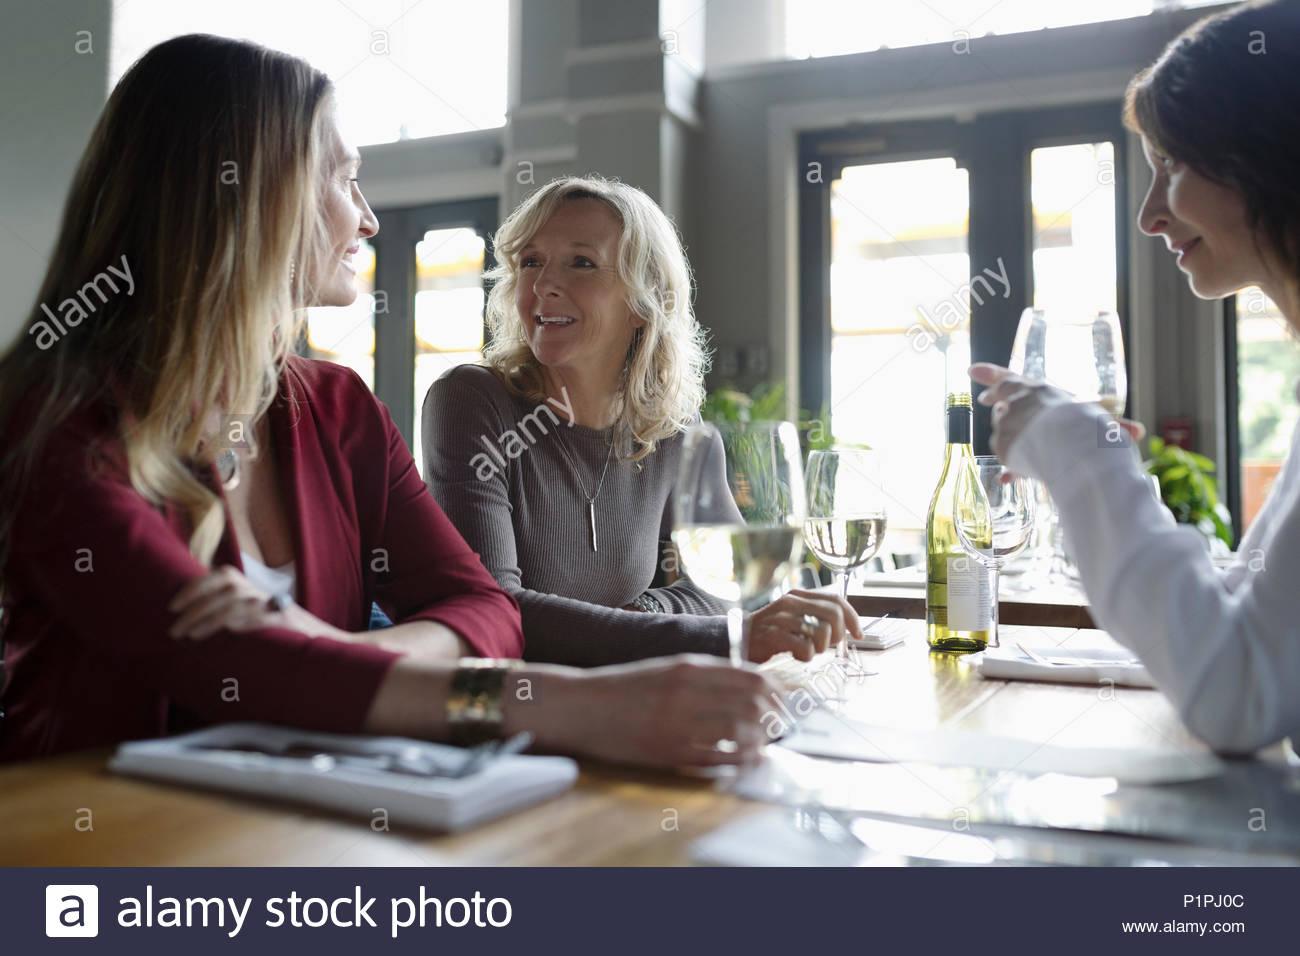 Frauen, Wein trinken, Essen im Restaurant Stockbild